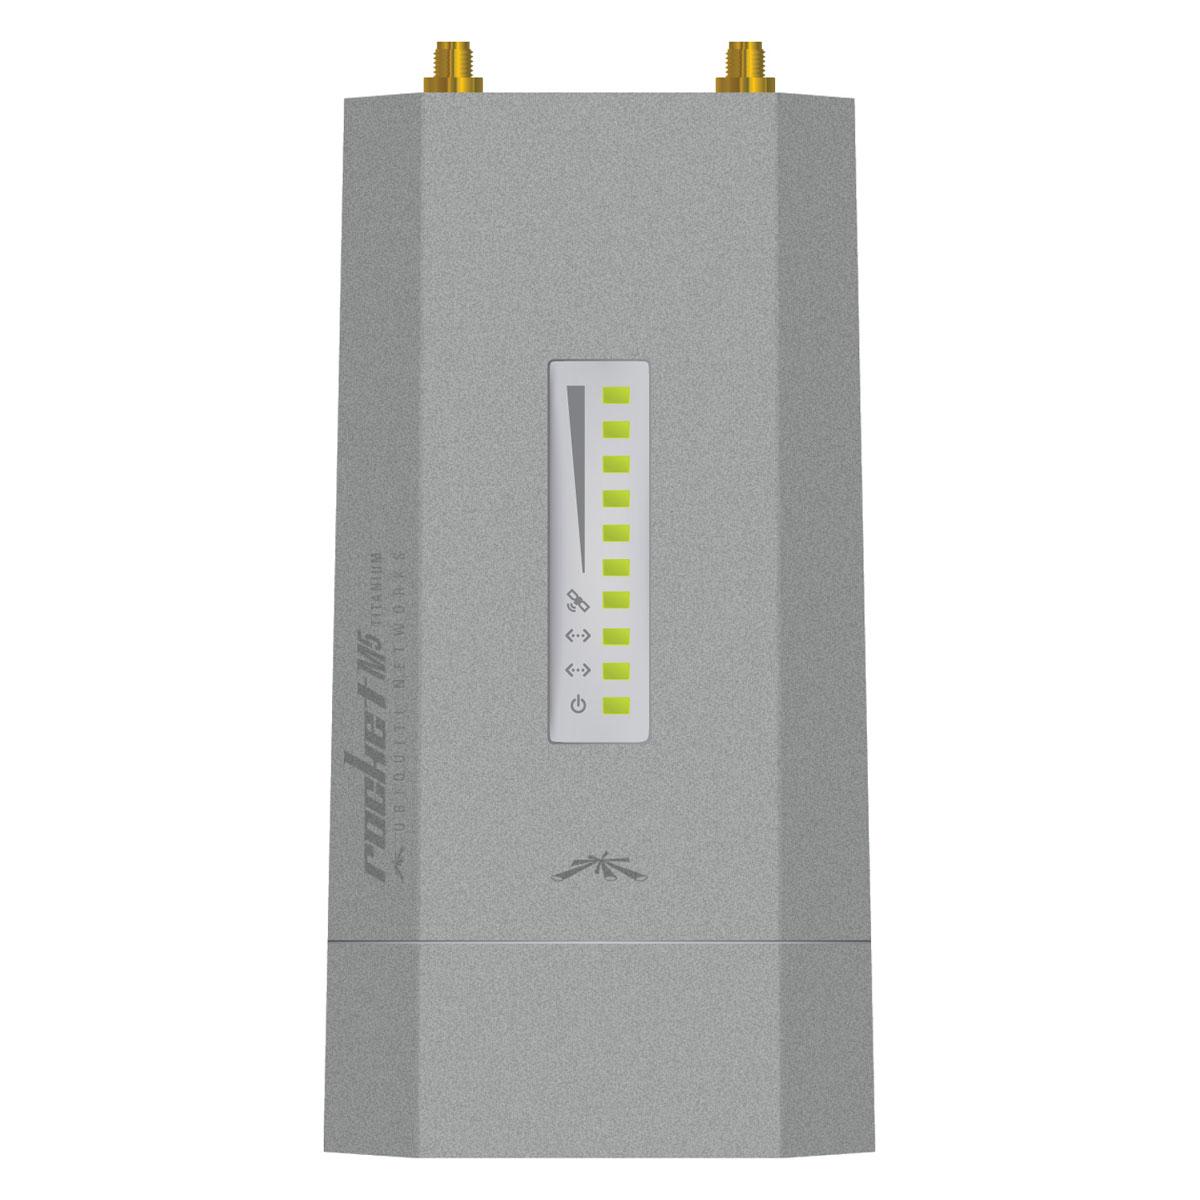 Ubiquiti rocket m5 titanium point d 39 acc s wifi ubiquiti for Borne wifi exterieur